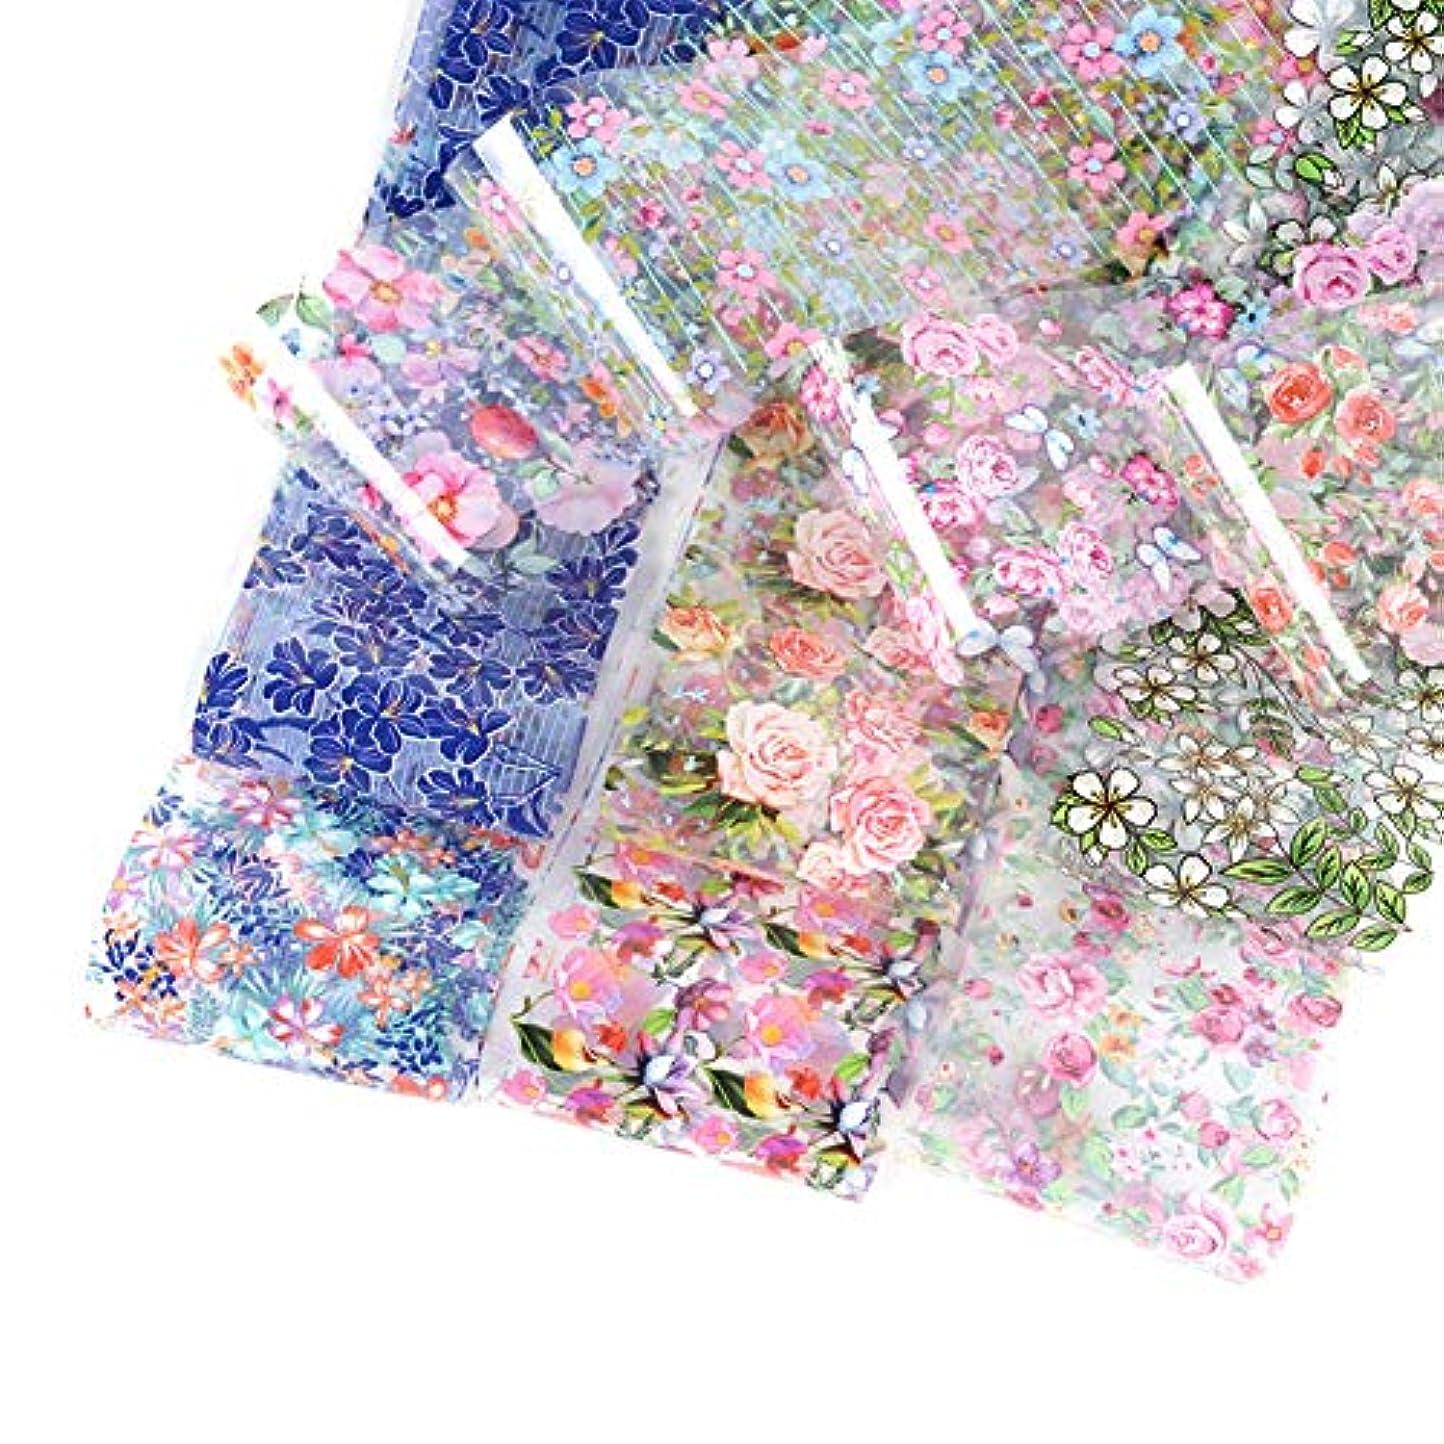 妻影のある公演LITI ネイルシール 花柄ネイルホイル 水彩の花 星空ネイル シェル 綺麗な夏 転写ホイル 箔紙 シェルプリント 極薄フィルム 3D デザイン ネイル転印シール ネイルステッカー